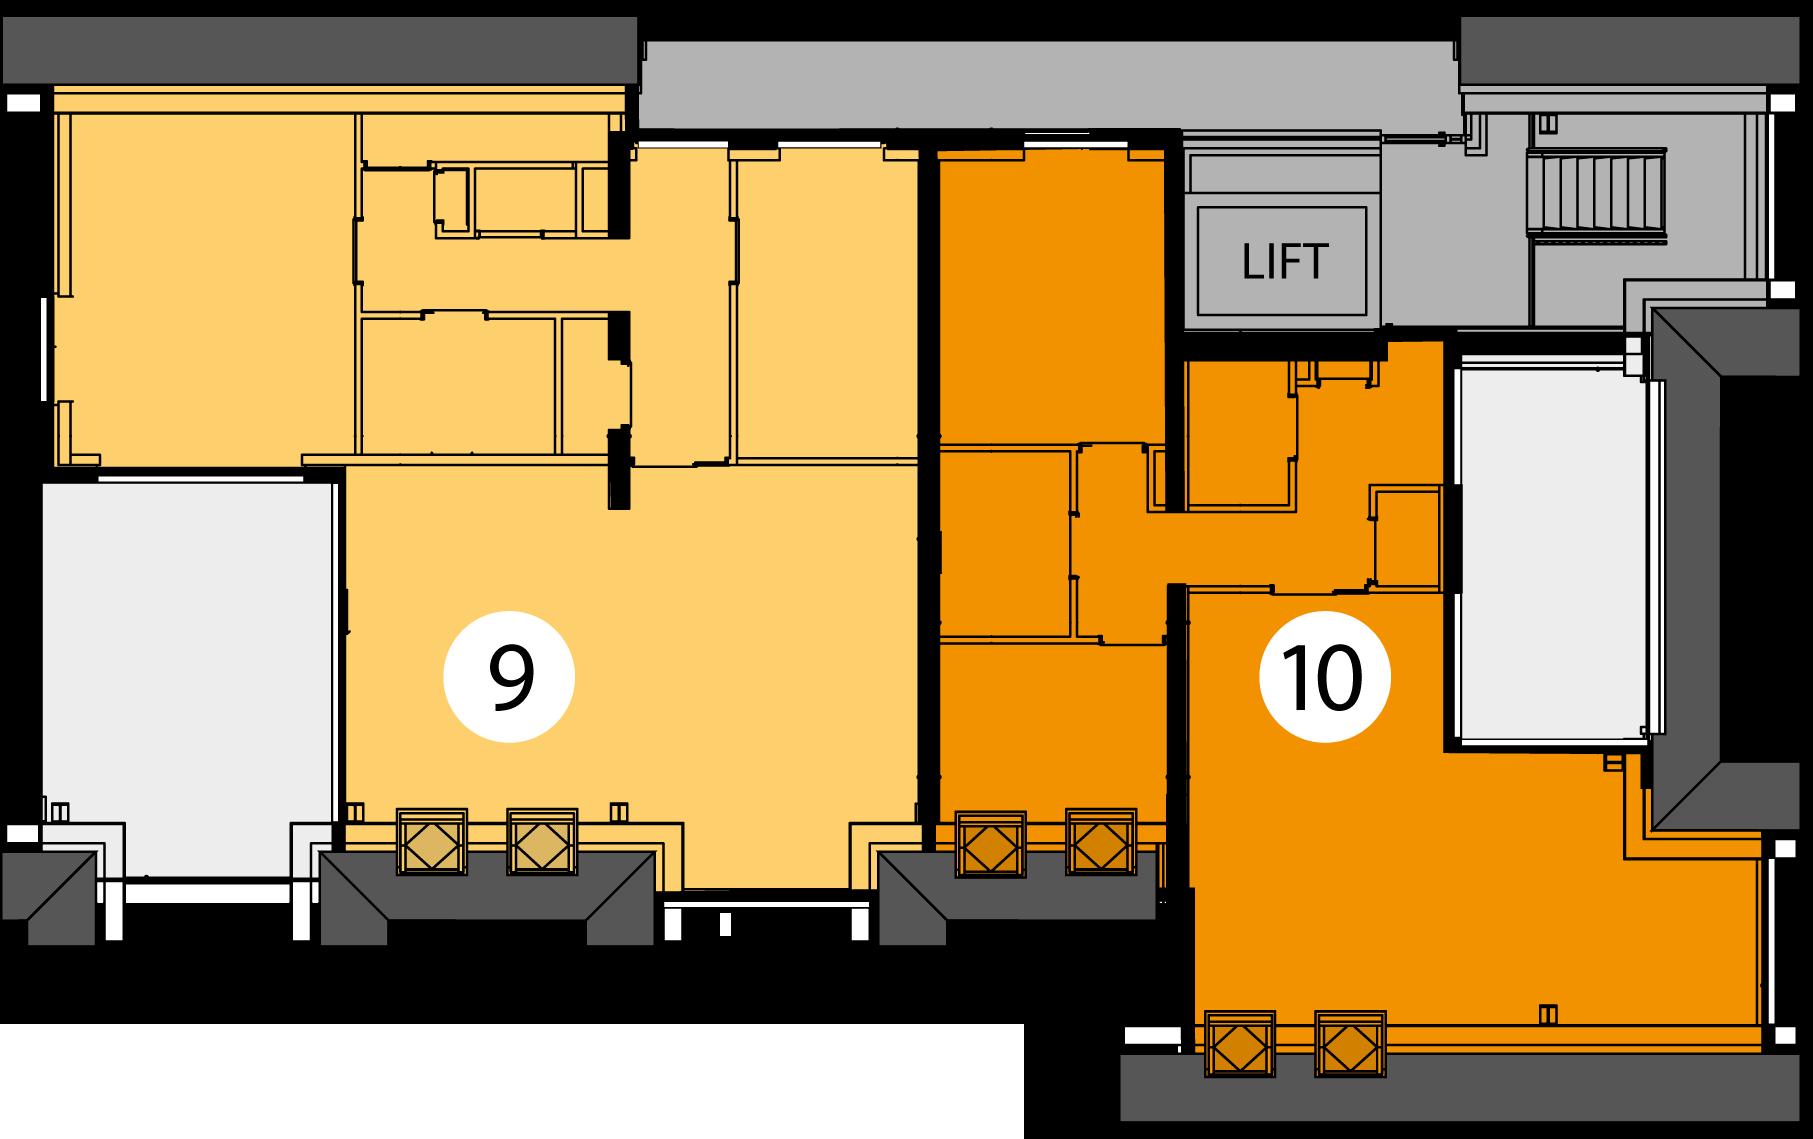 Appartementen 9 en 10